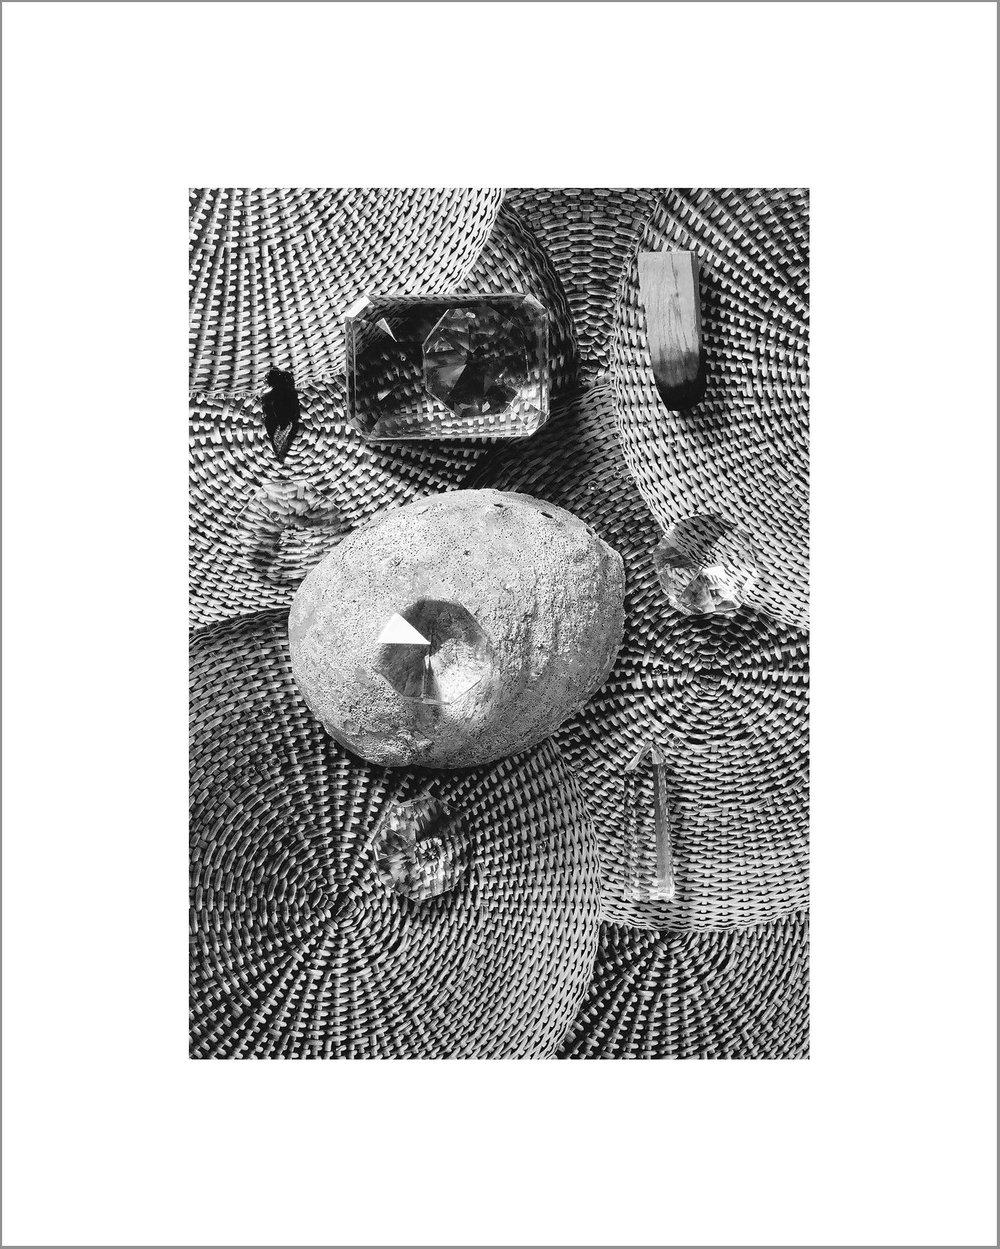 Fay Ray,Palo Santa, Paper Wieght, Arrowhead, Abalone, Quartz, 2016 Archival inkjet print 34 of 100 8 x 10 inches $300